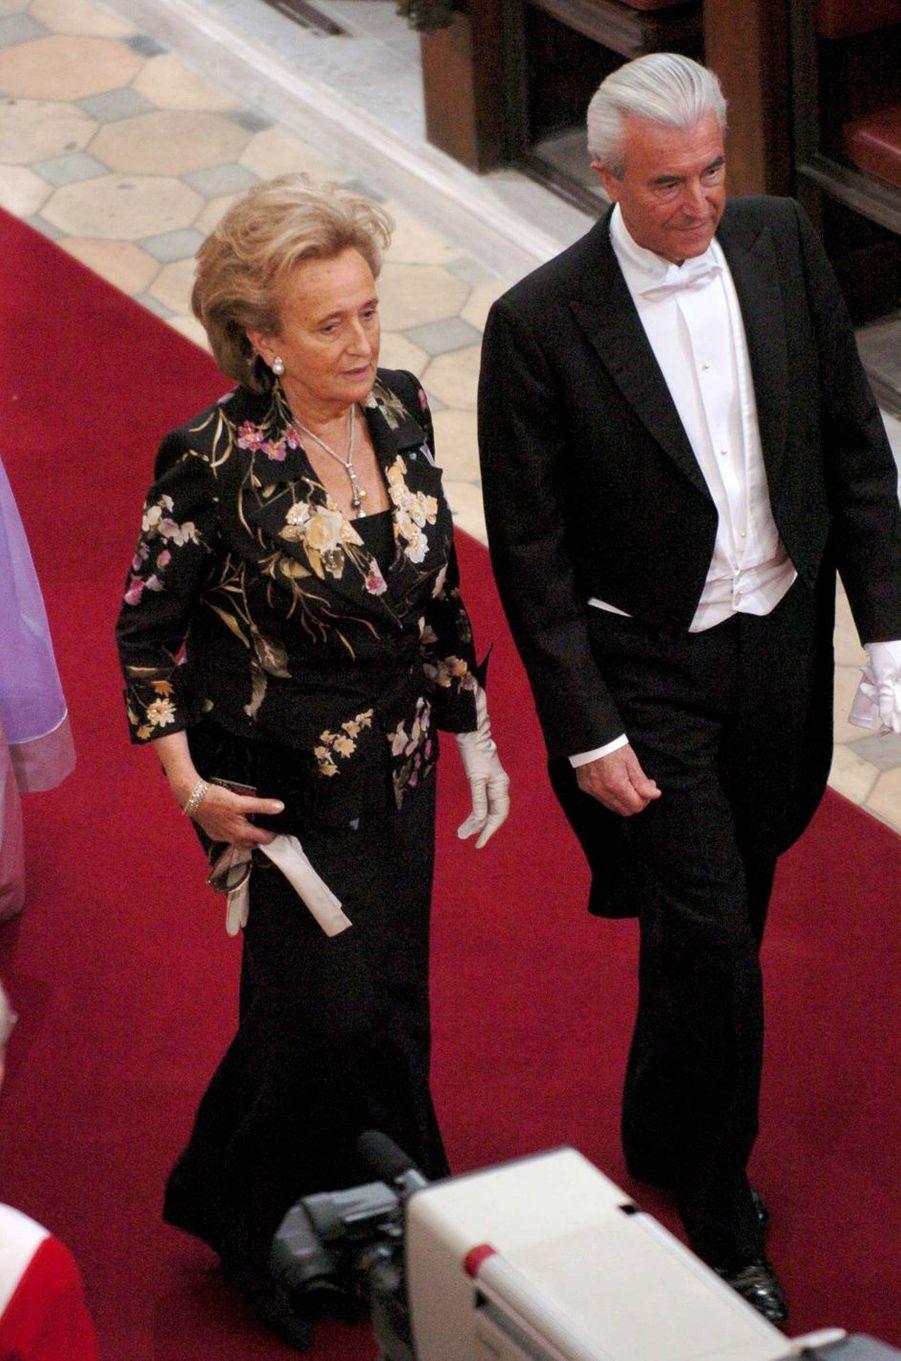 Bernadette Chirac, alors Première dame française, accompagnée du ministre Gilles de Robien, à Copenhague le 14 mai 2004